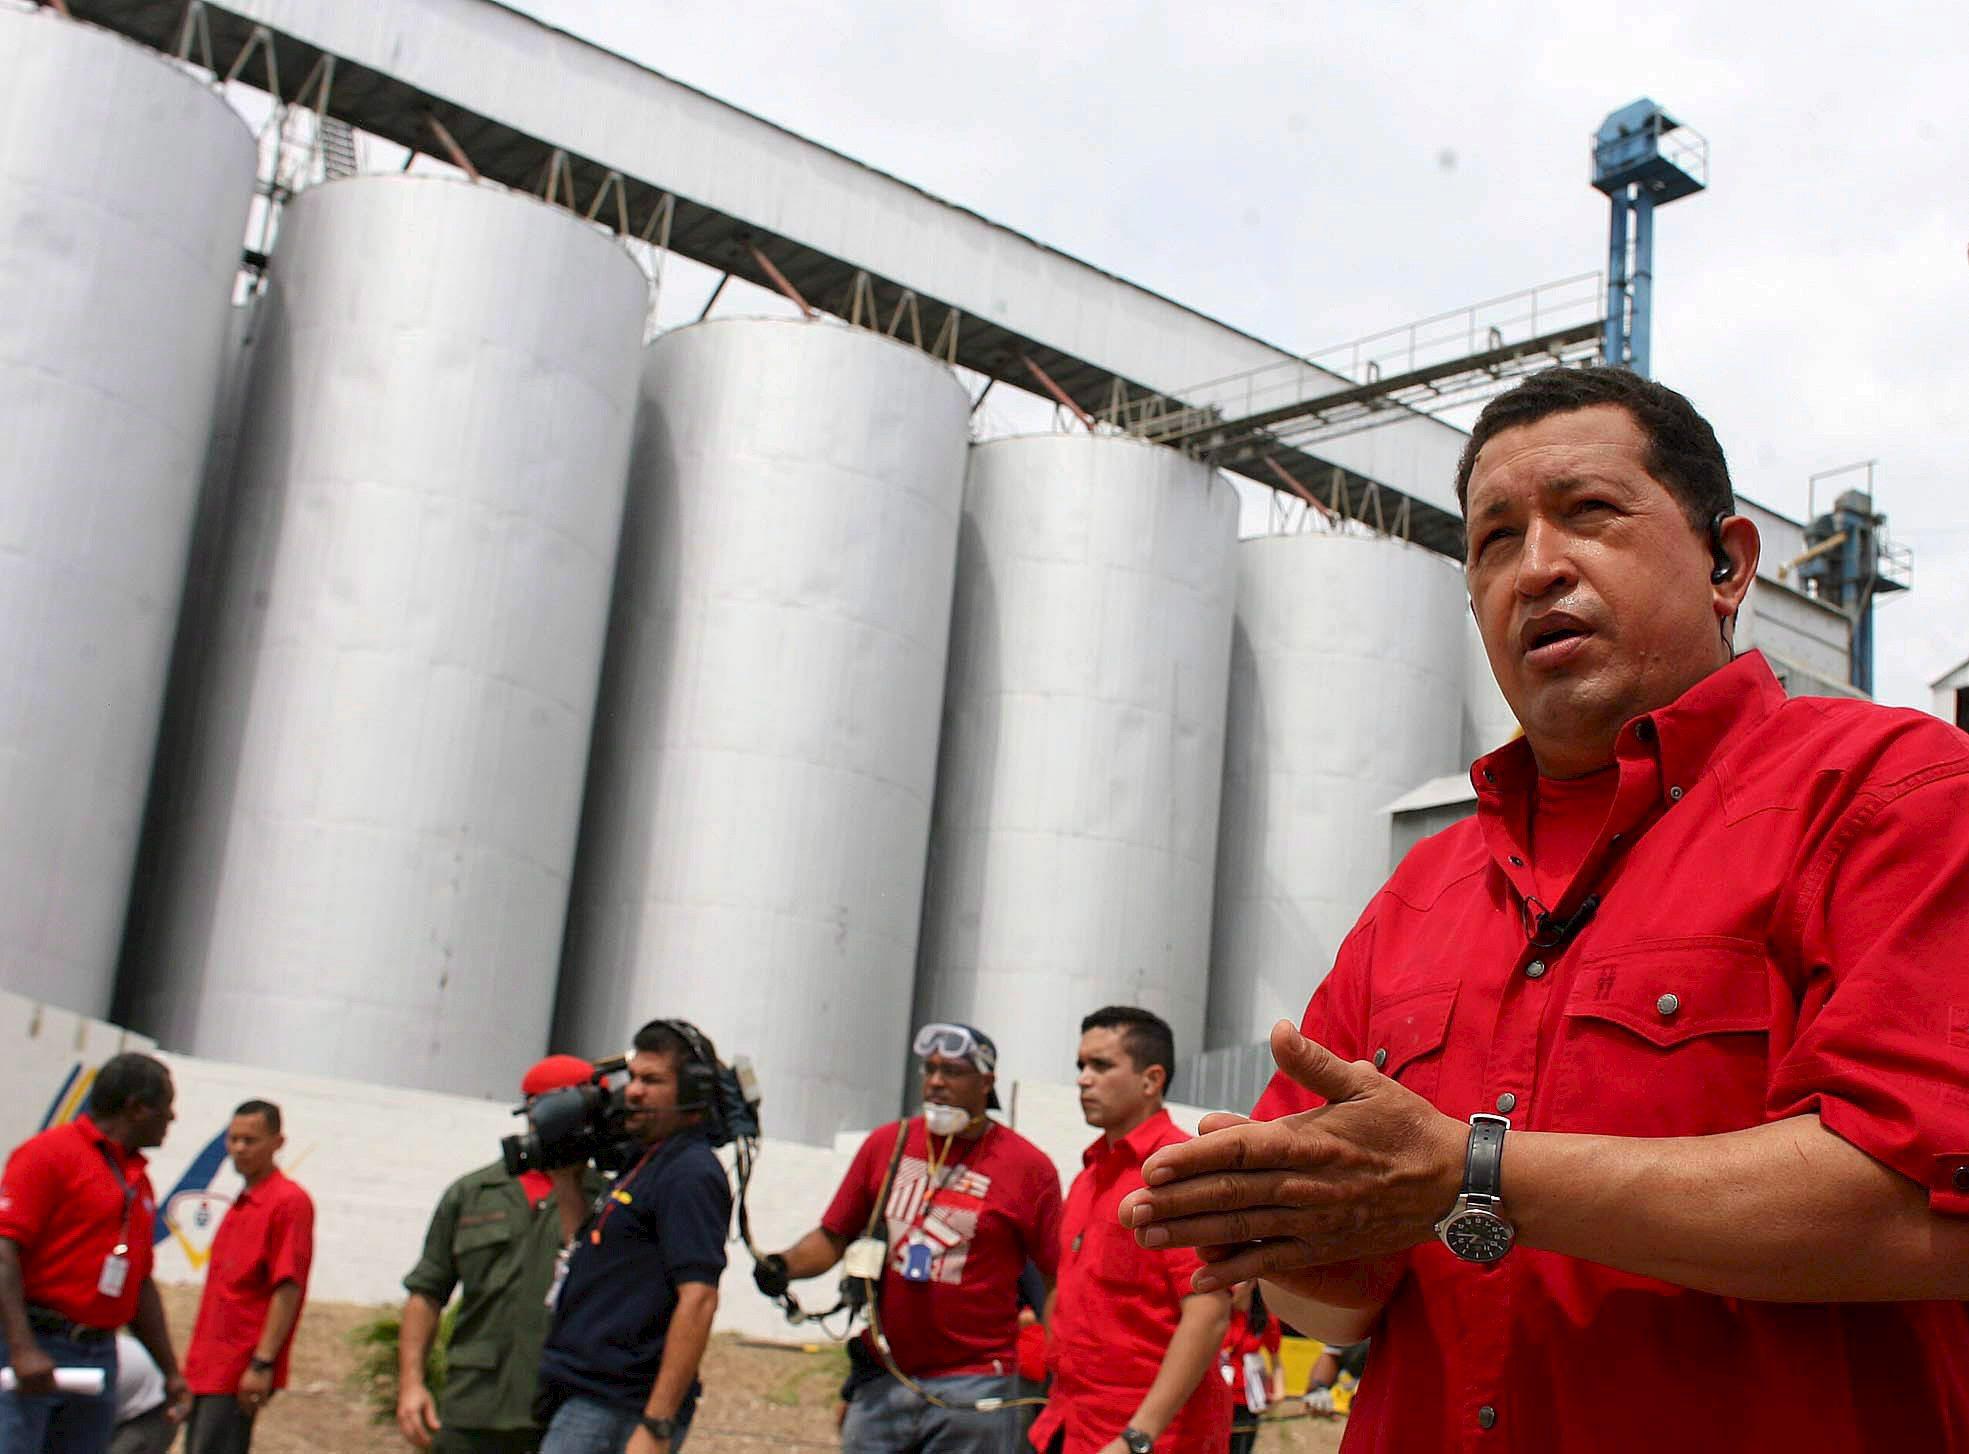 Chávez interviene aeropuerto, parada de autobús y mesita de noche